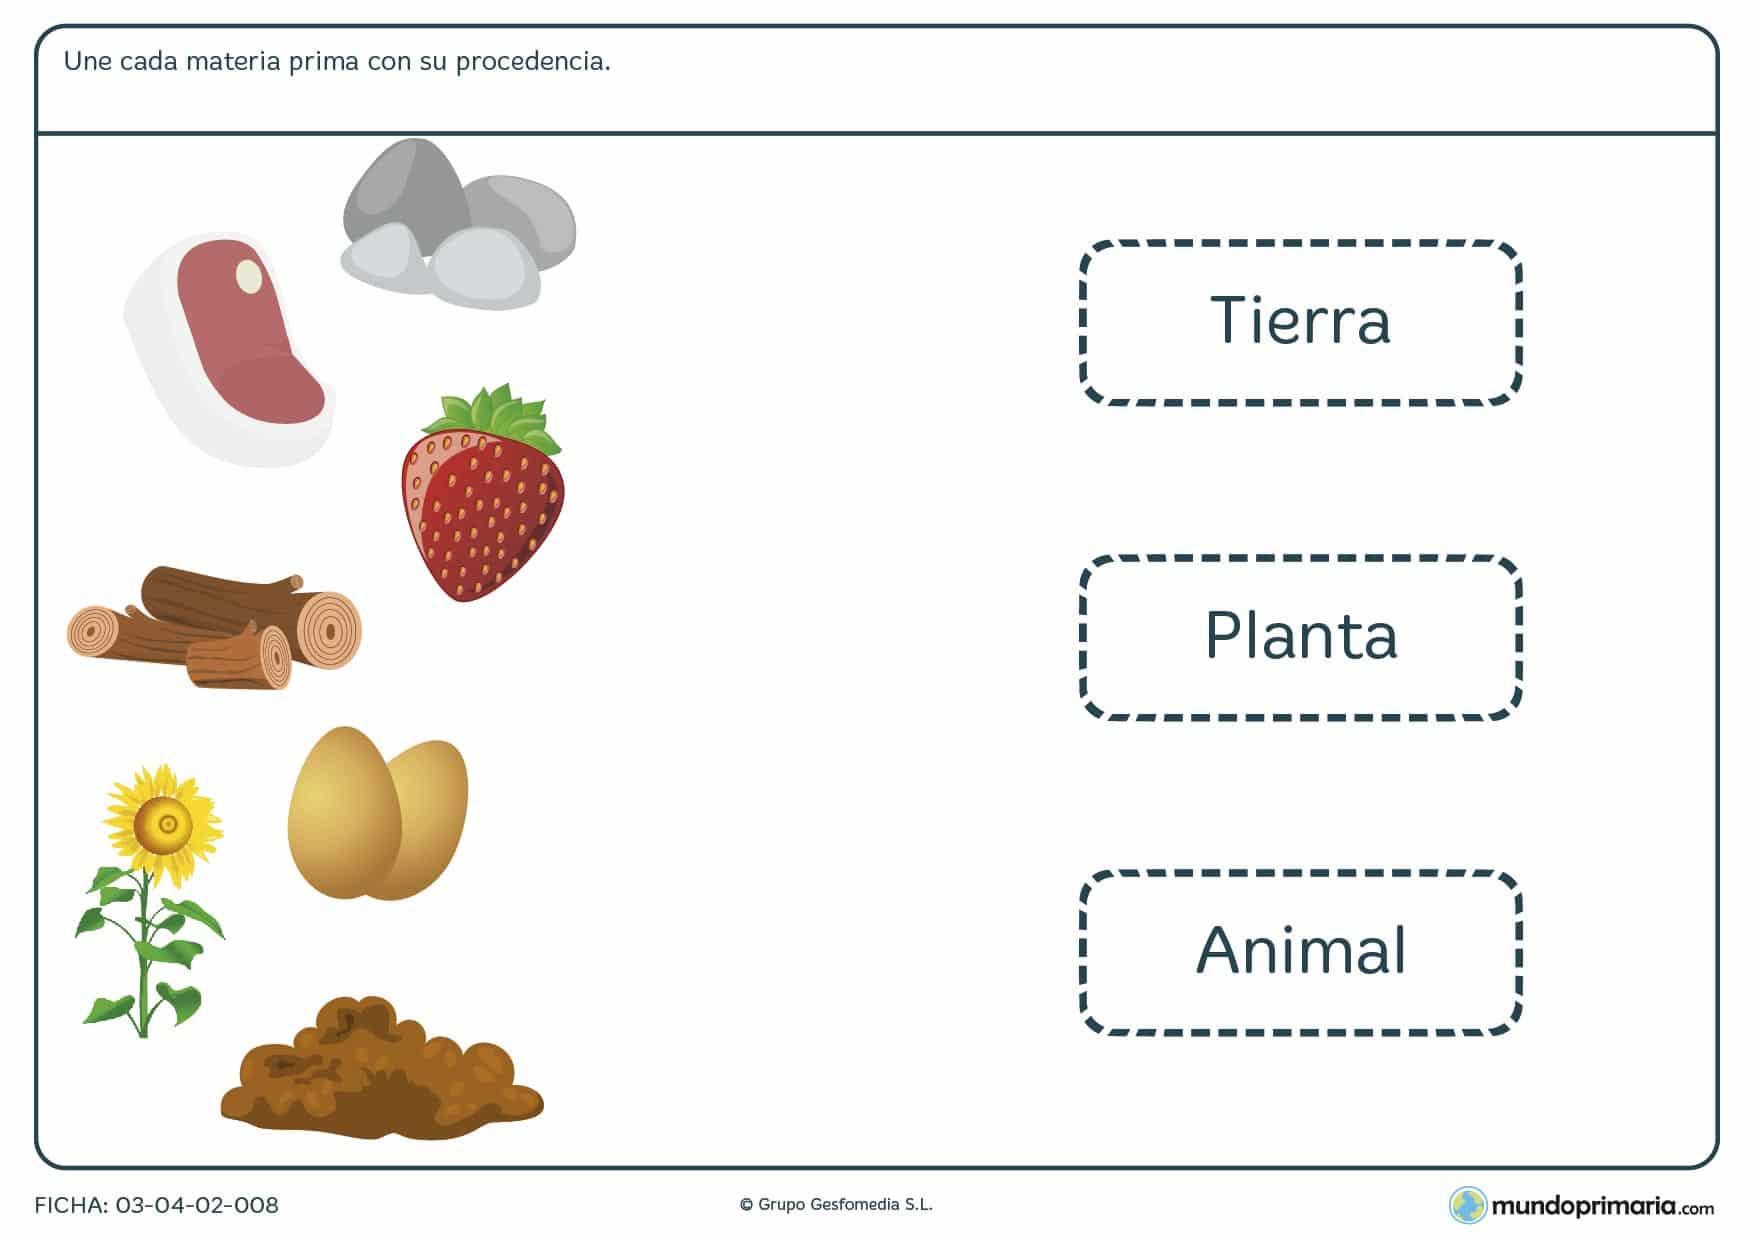 Ficha de la procedencia de materia para que los niños aprendan sobre la procedencia de materias primas ficha para primaria